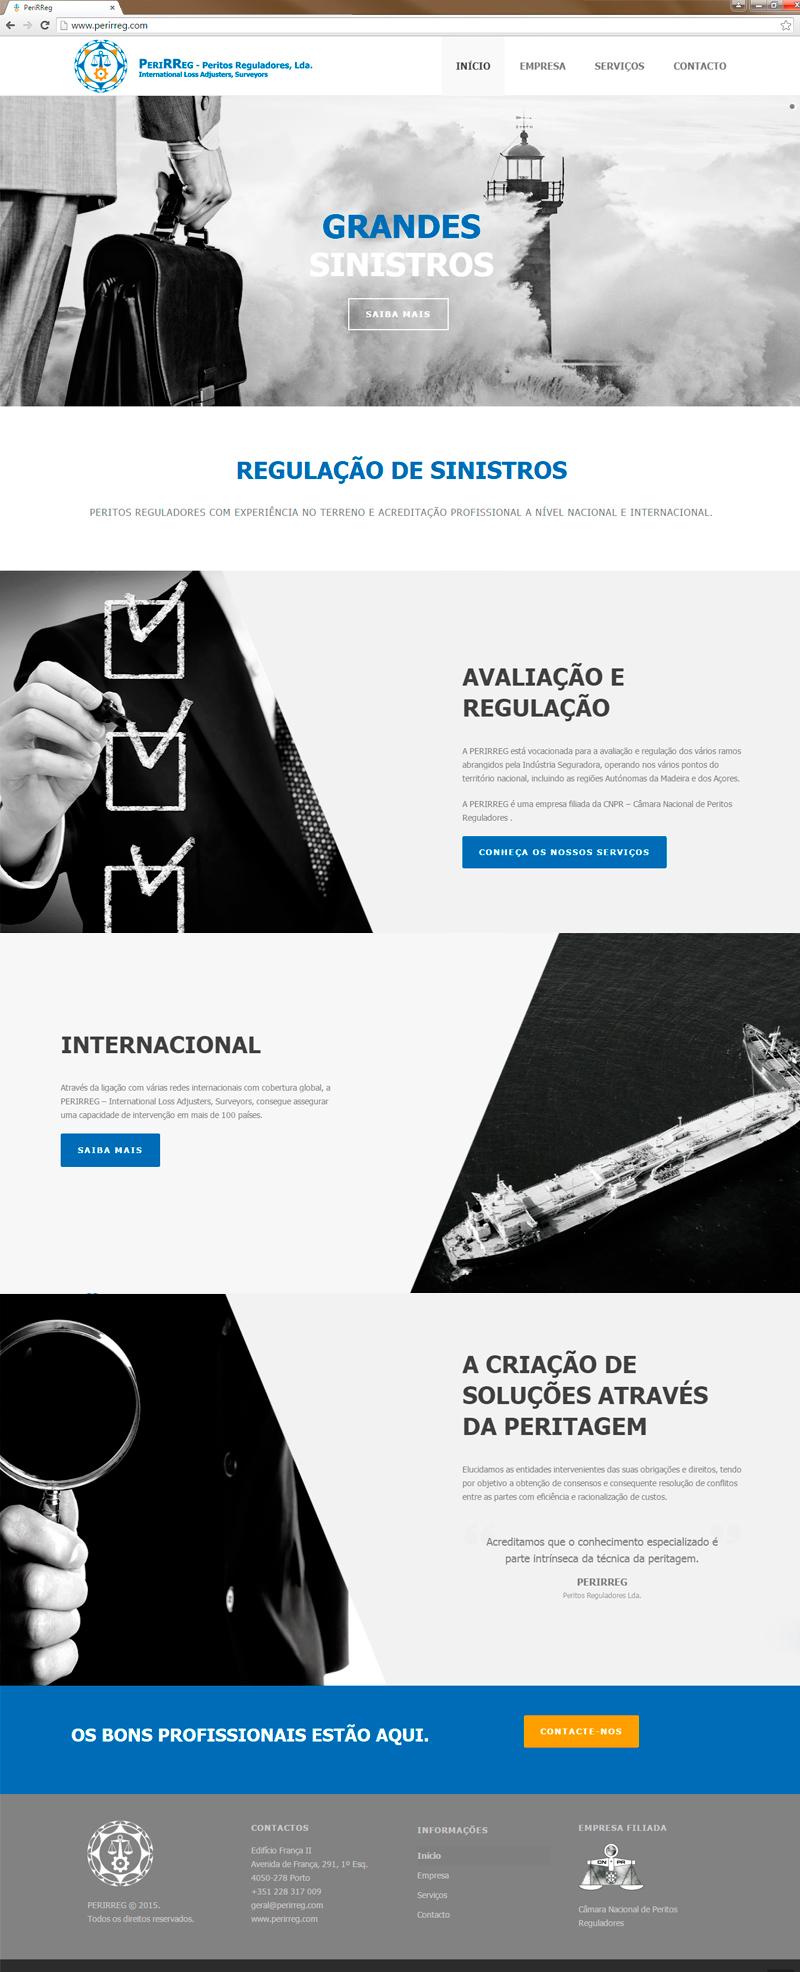 Website Perirreg Peritos Reguladores página inicial versão Português